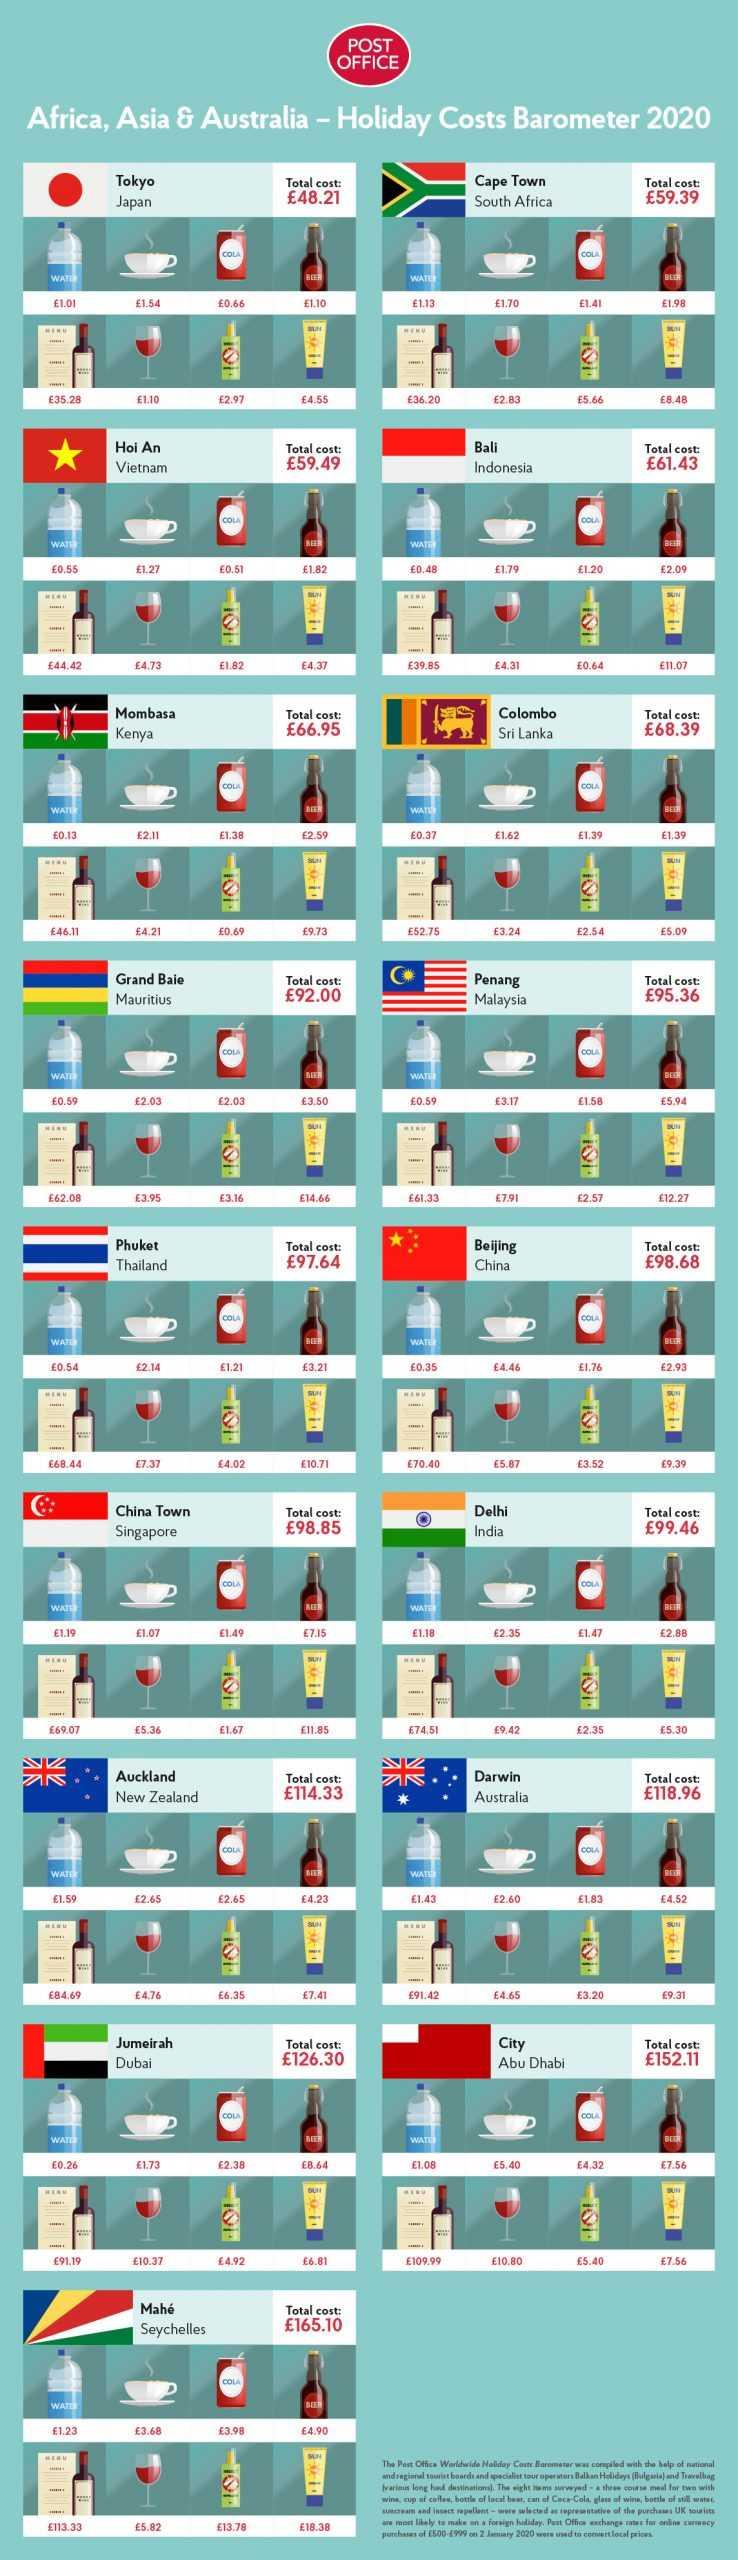 En ucuz ülkeler